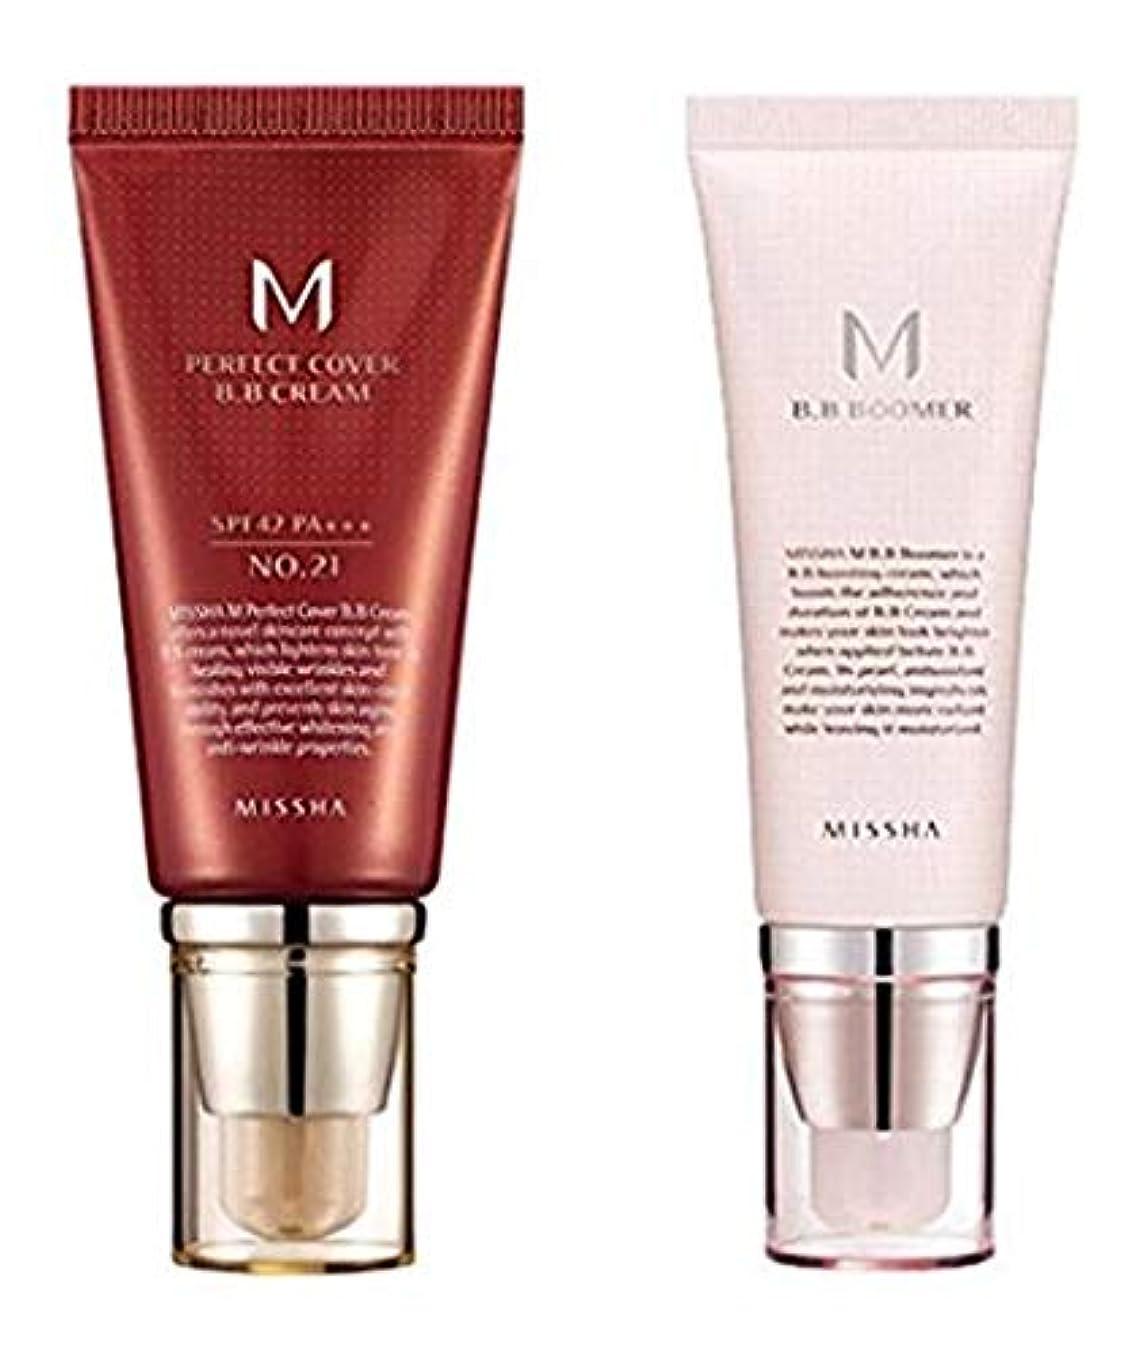 ボーダー露出度の高い画家MISSHA M Perfect Cover BB cream #21 + M BB Boomer / ミシャ M パーフェクトカバー BBクリーム 50ml + M BBブーマー40ml [並行輸入品]